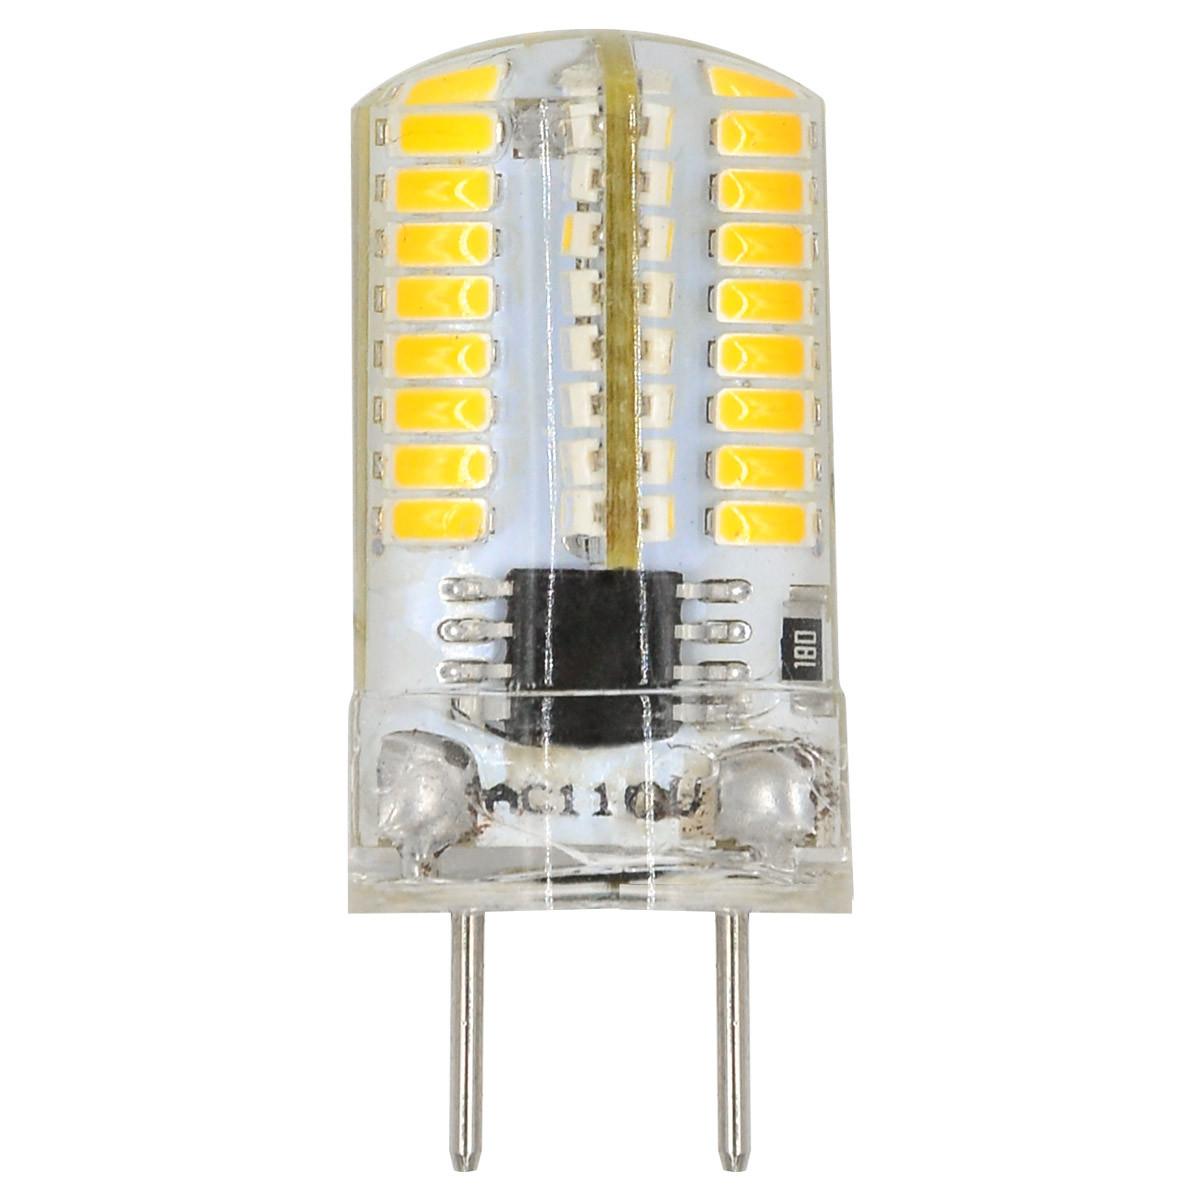 MENGS® G8 3W LED Light 64x 3014 SMD LED Bulb Lamp In Warm White Energy-Saving Light